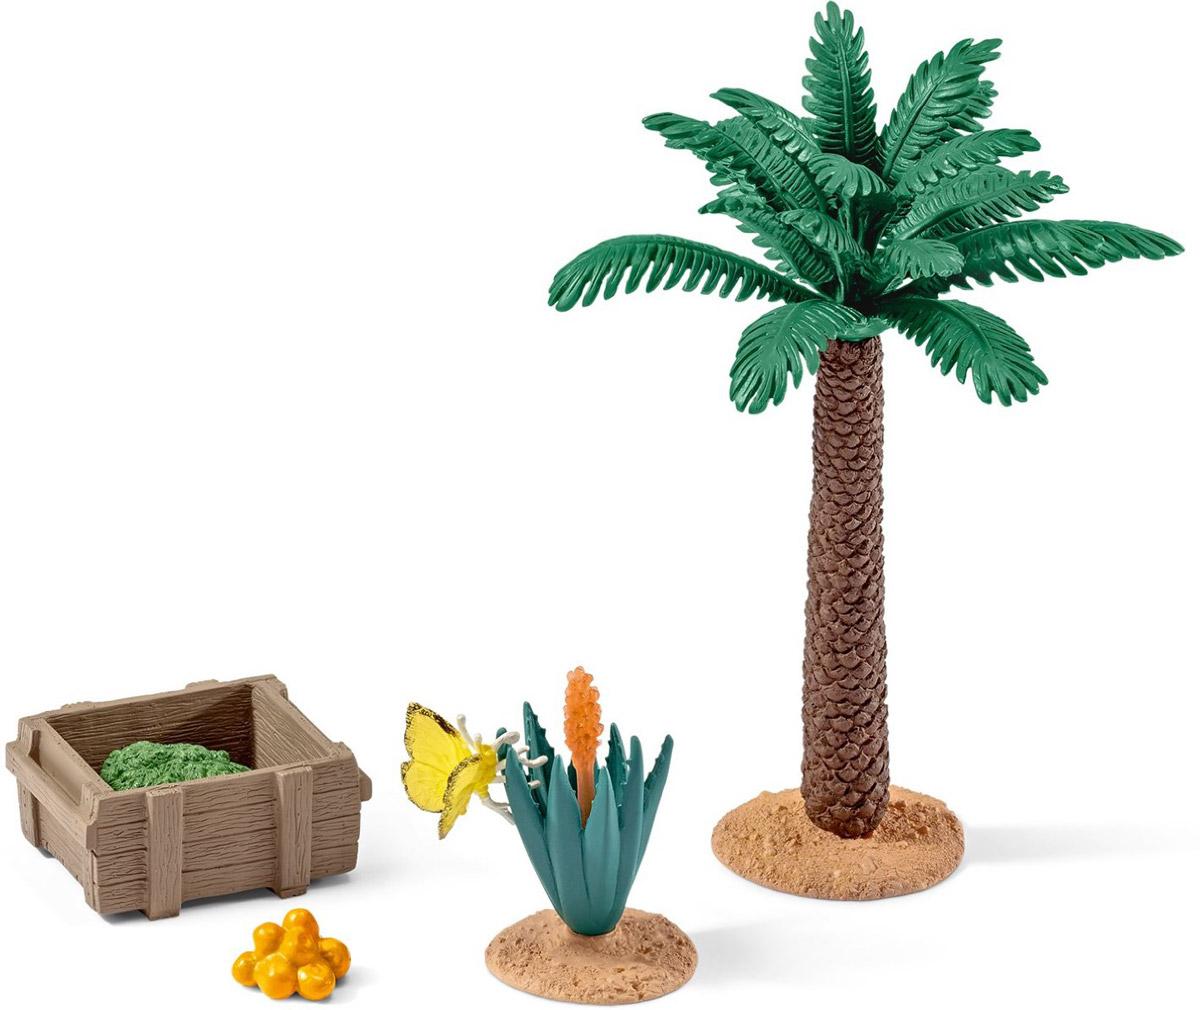 Schleich Игровой набор Растения и корм42277Игровой набор Schleich Растения и корм поможет сделать игру ребенка еще более увлекательной, а жизнь в его саванне полноценной и удобной. В наборе представлены: пальма, куст с бабочкой, фрукты, ящик с травой. Все игрушки из набора выполнены из качественного материала с мельчайшей прорисовкой деталей. Игровые элементы имеют реалистичный внешний вид, приятны на ощупь и позволяют детям играть с большим удовольствием. В процессе манипуляций с миниатюрными игрушками у ребенка развивается мелкая моторика, стимулируется развитие речи, логическое мышление, ребенок знакомится с окружающим миром.